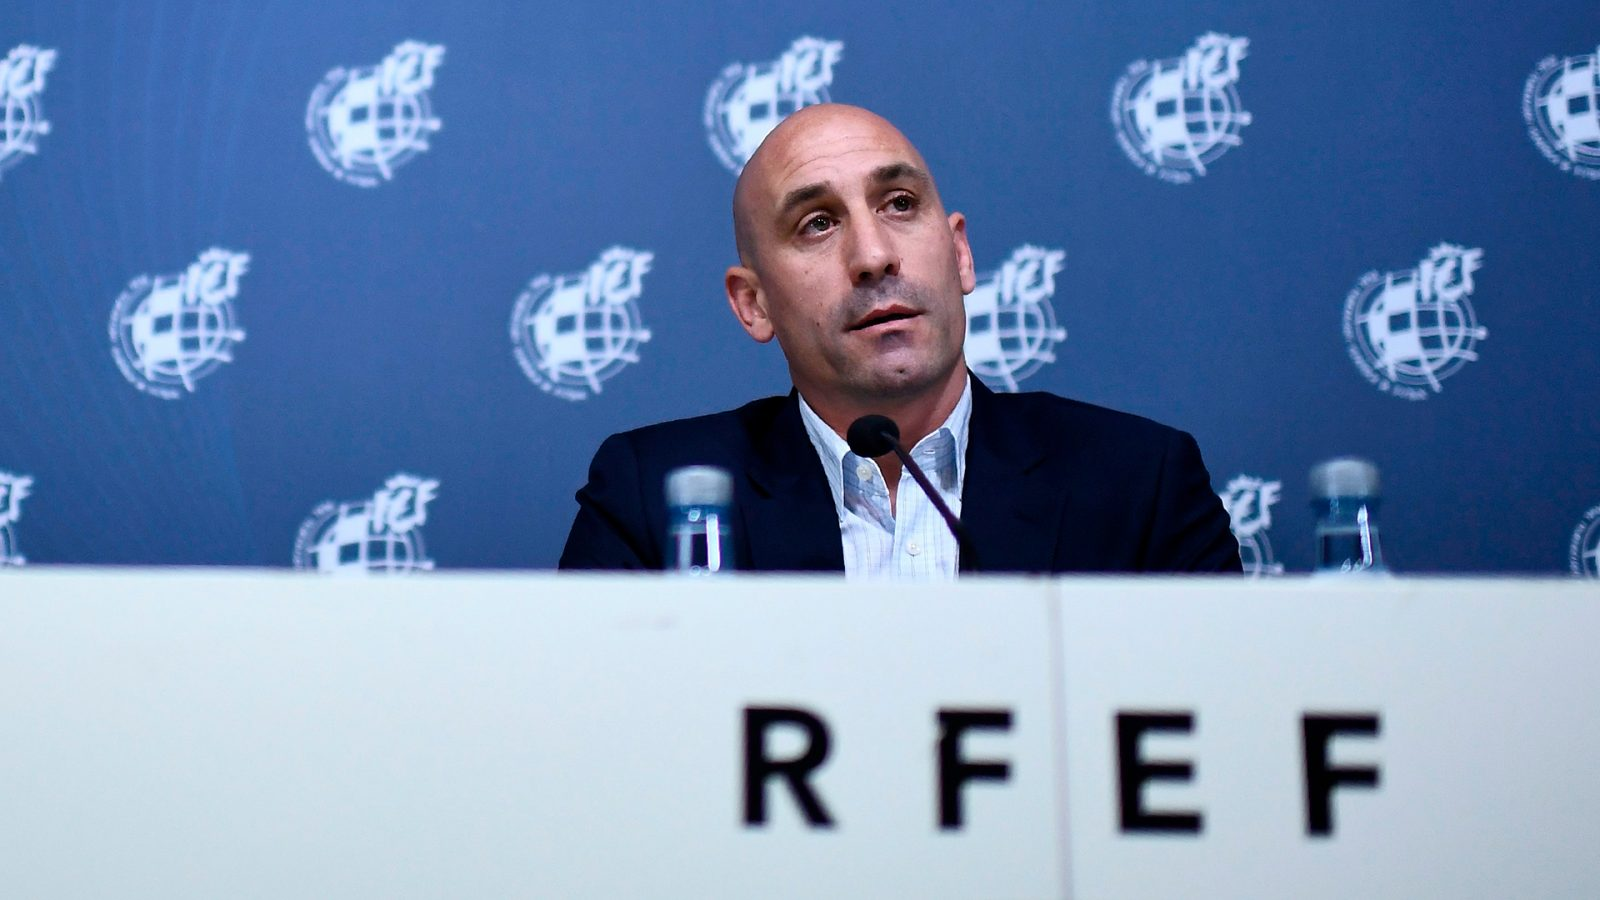 رئيس الاتحاد الإسباني لكرة القدم القد